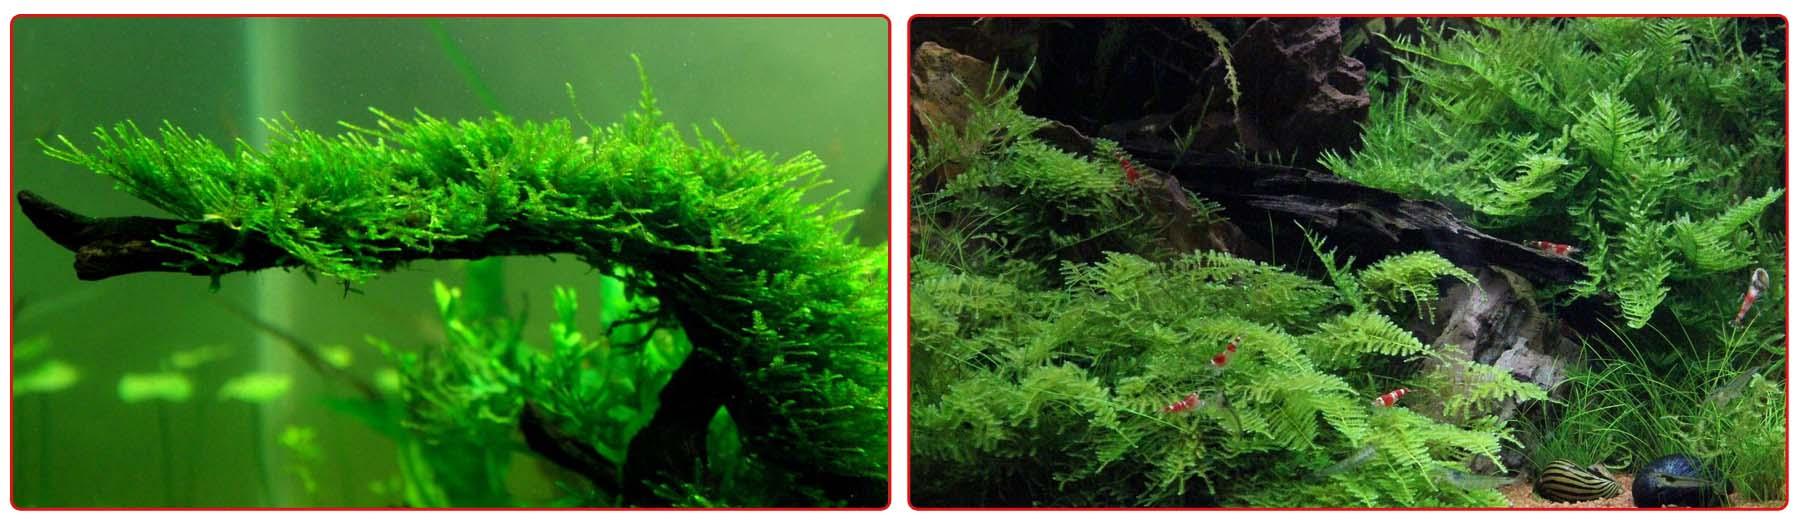 Рождественский мох в аквариуме